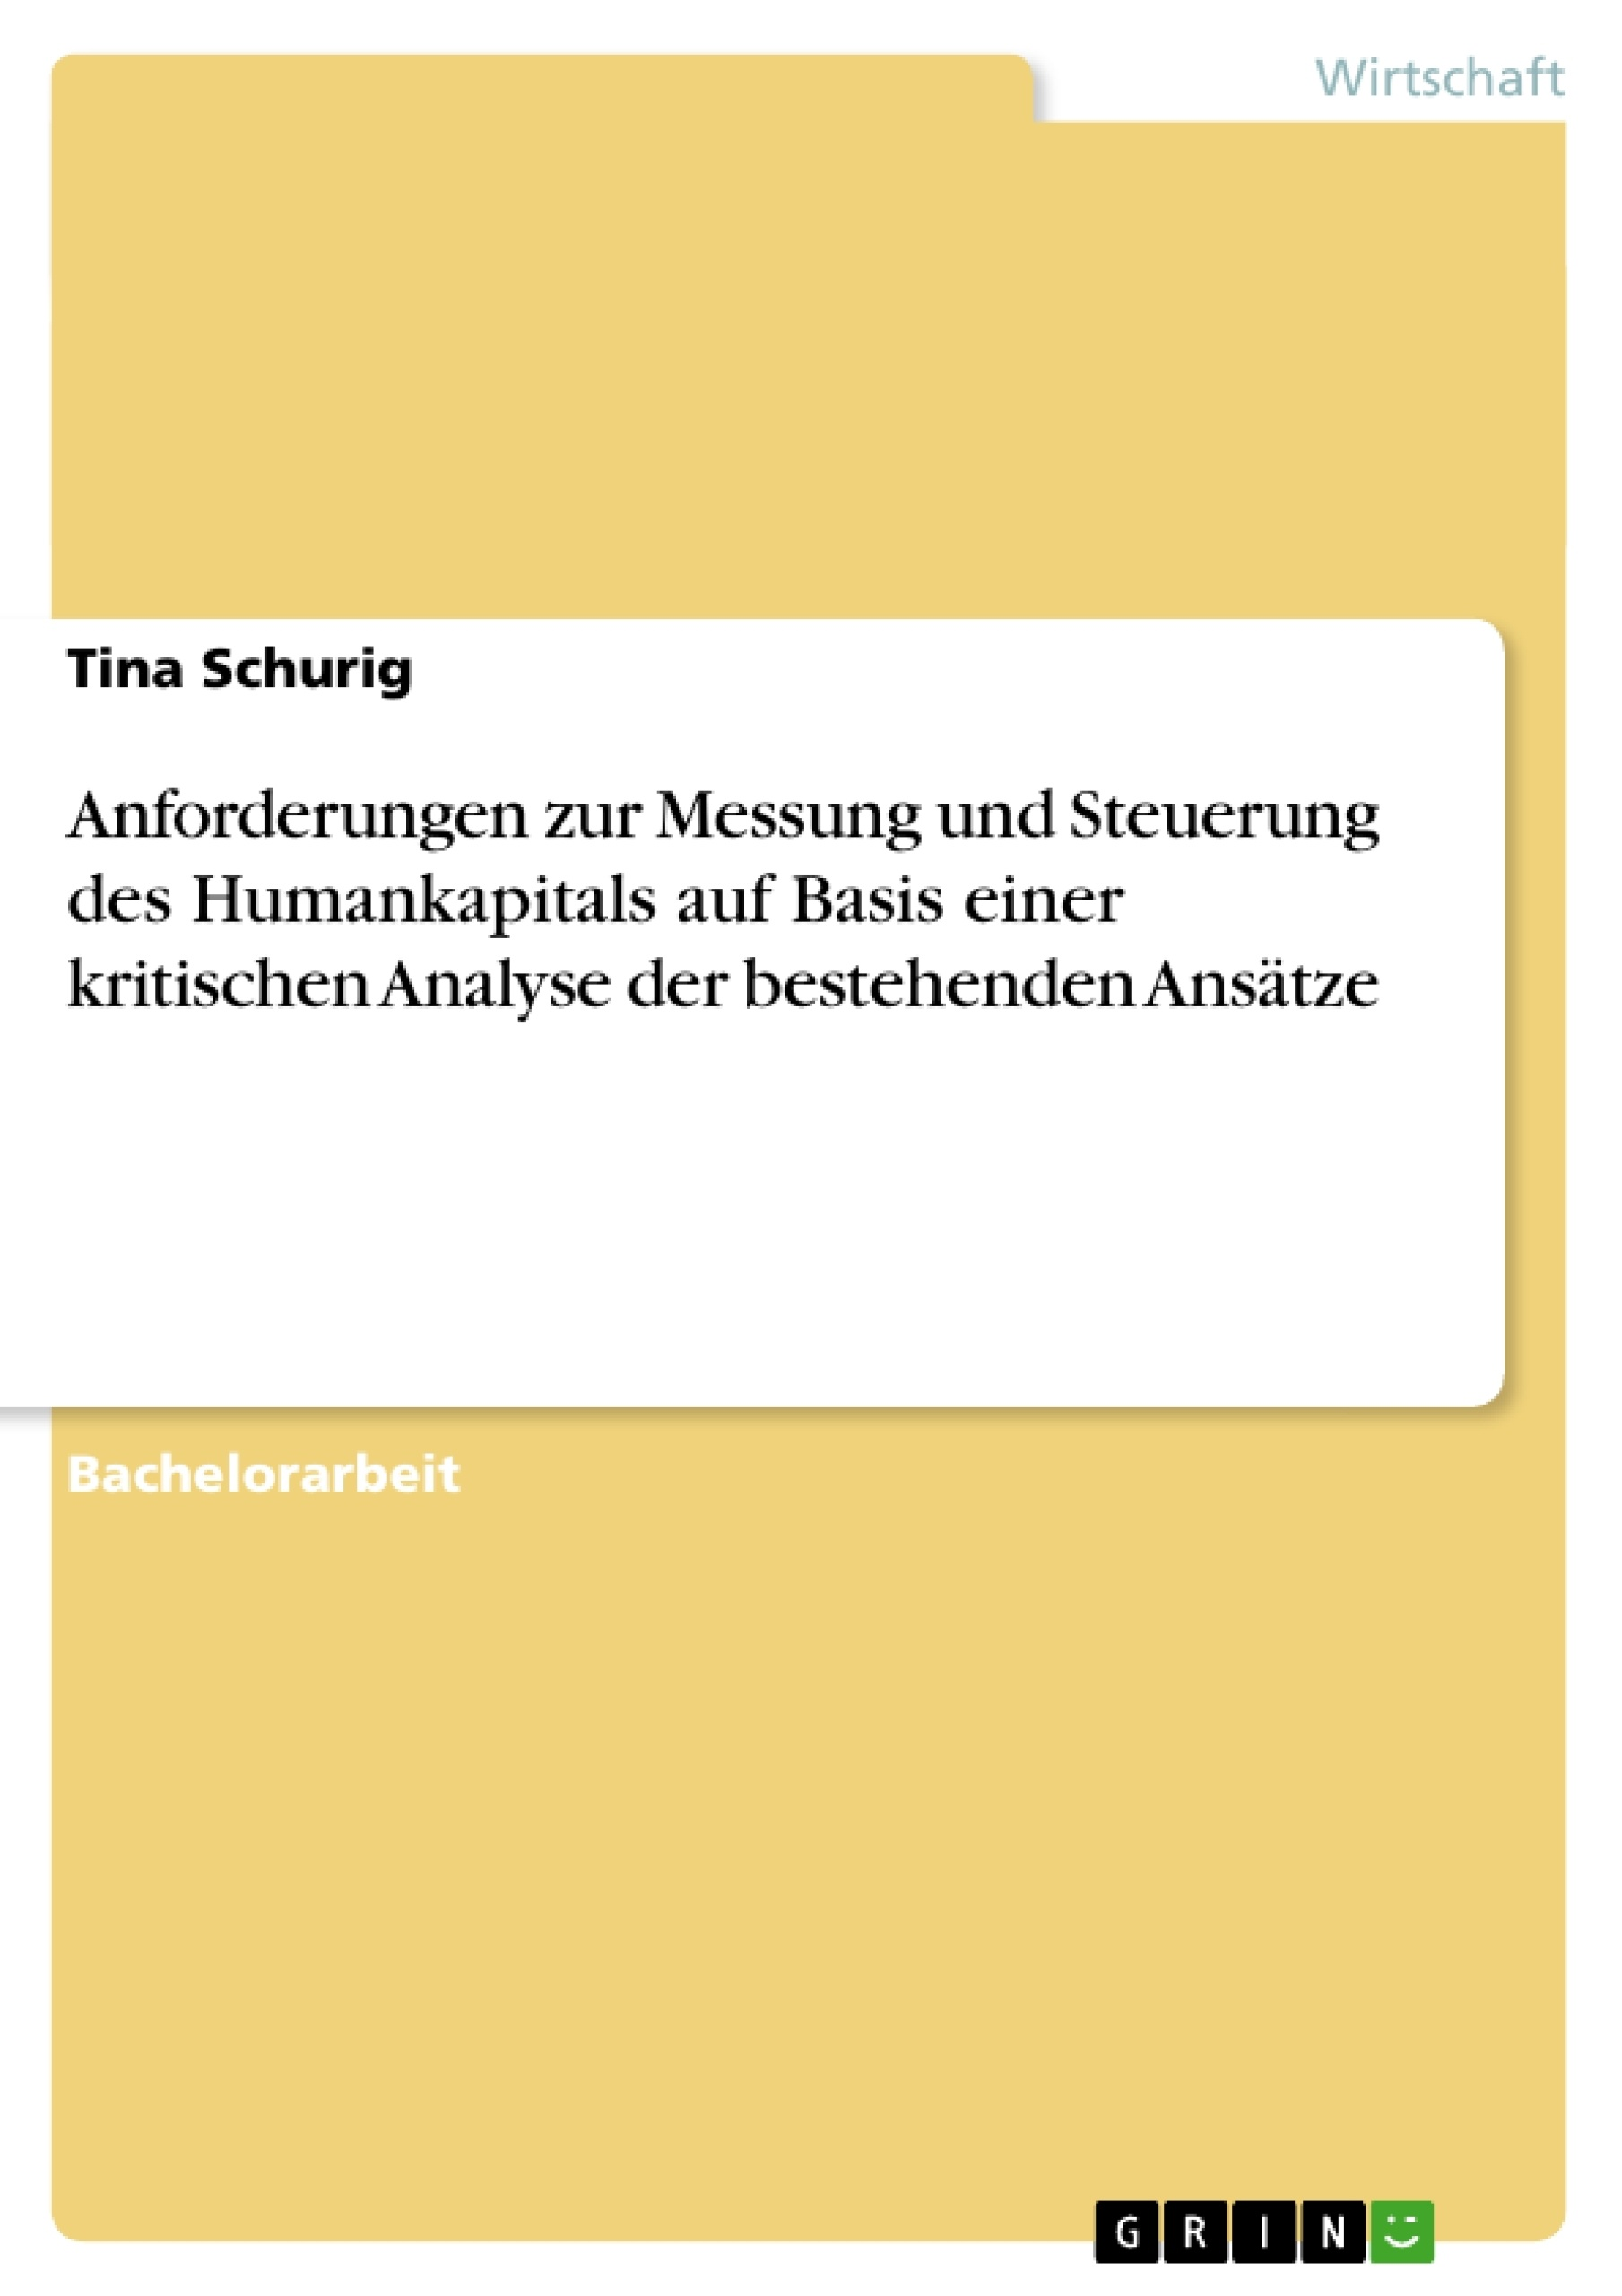 Titel: Anforderungen zur Messung und Steuerung des Humankapitals auf Basis einer kritischen Analyse der bestehenden Ansätze